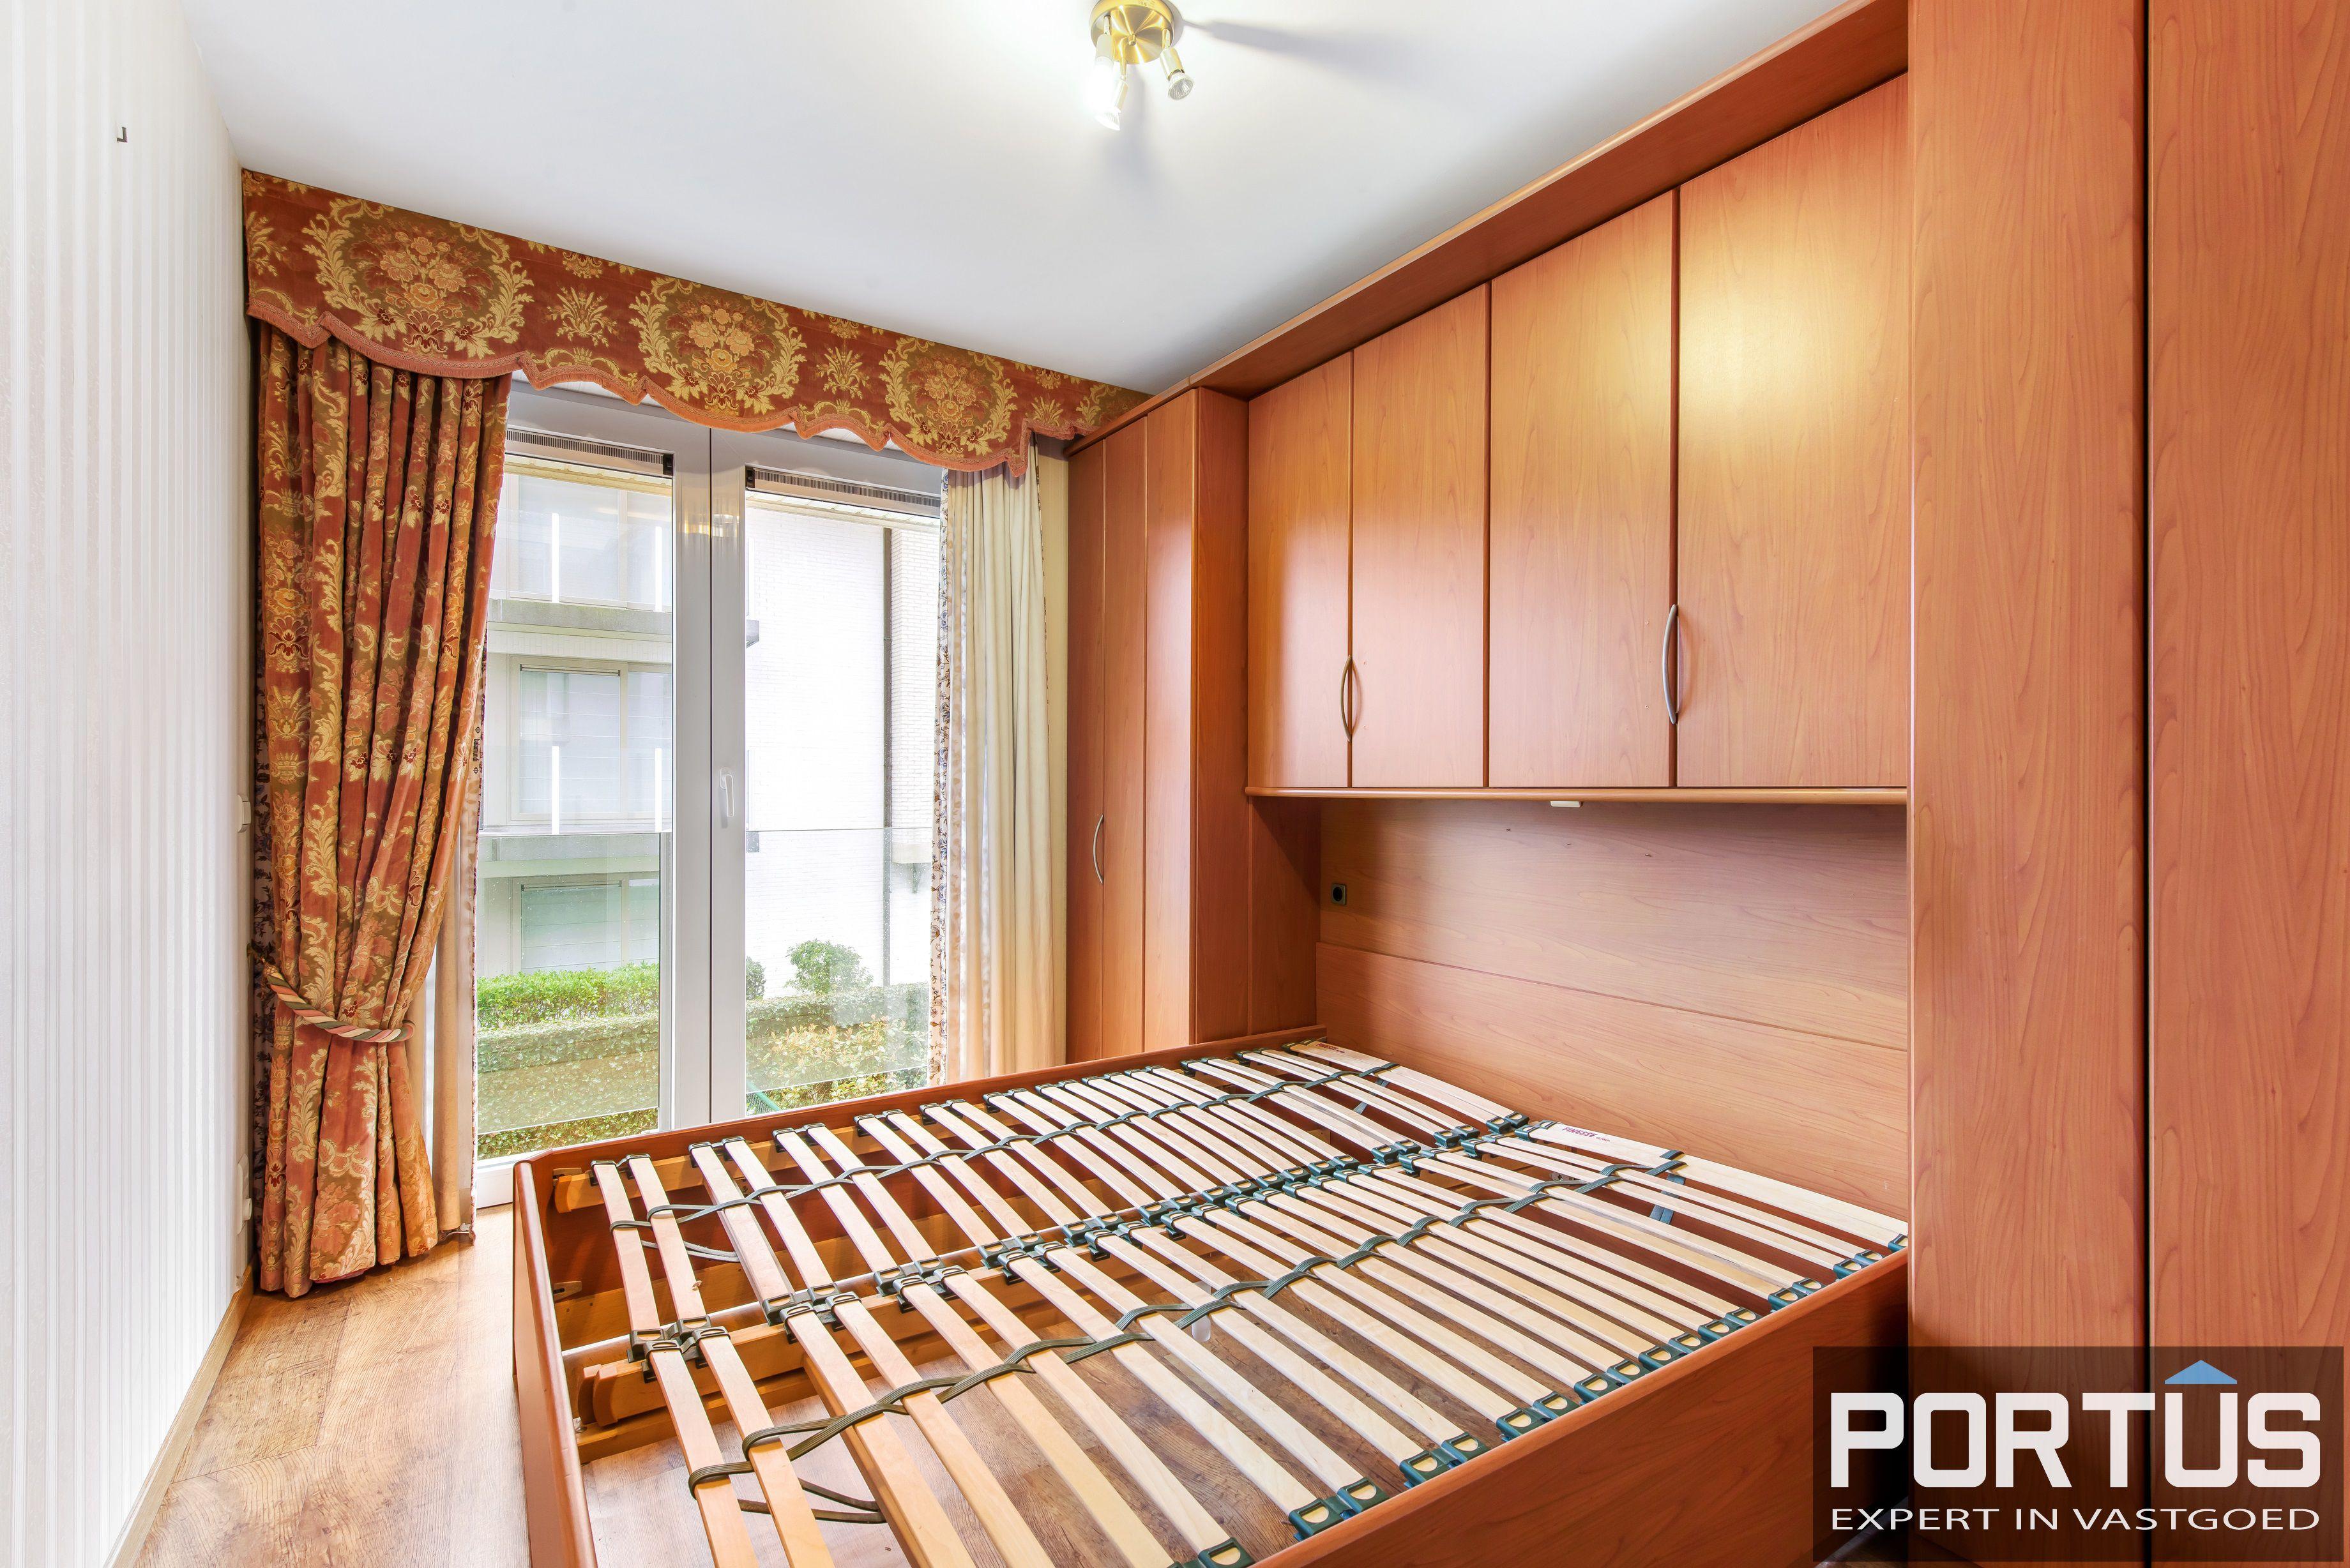 Zongerichte appartement met 2 slaapkamers te koop te Nieuwpoort - 10885